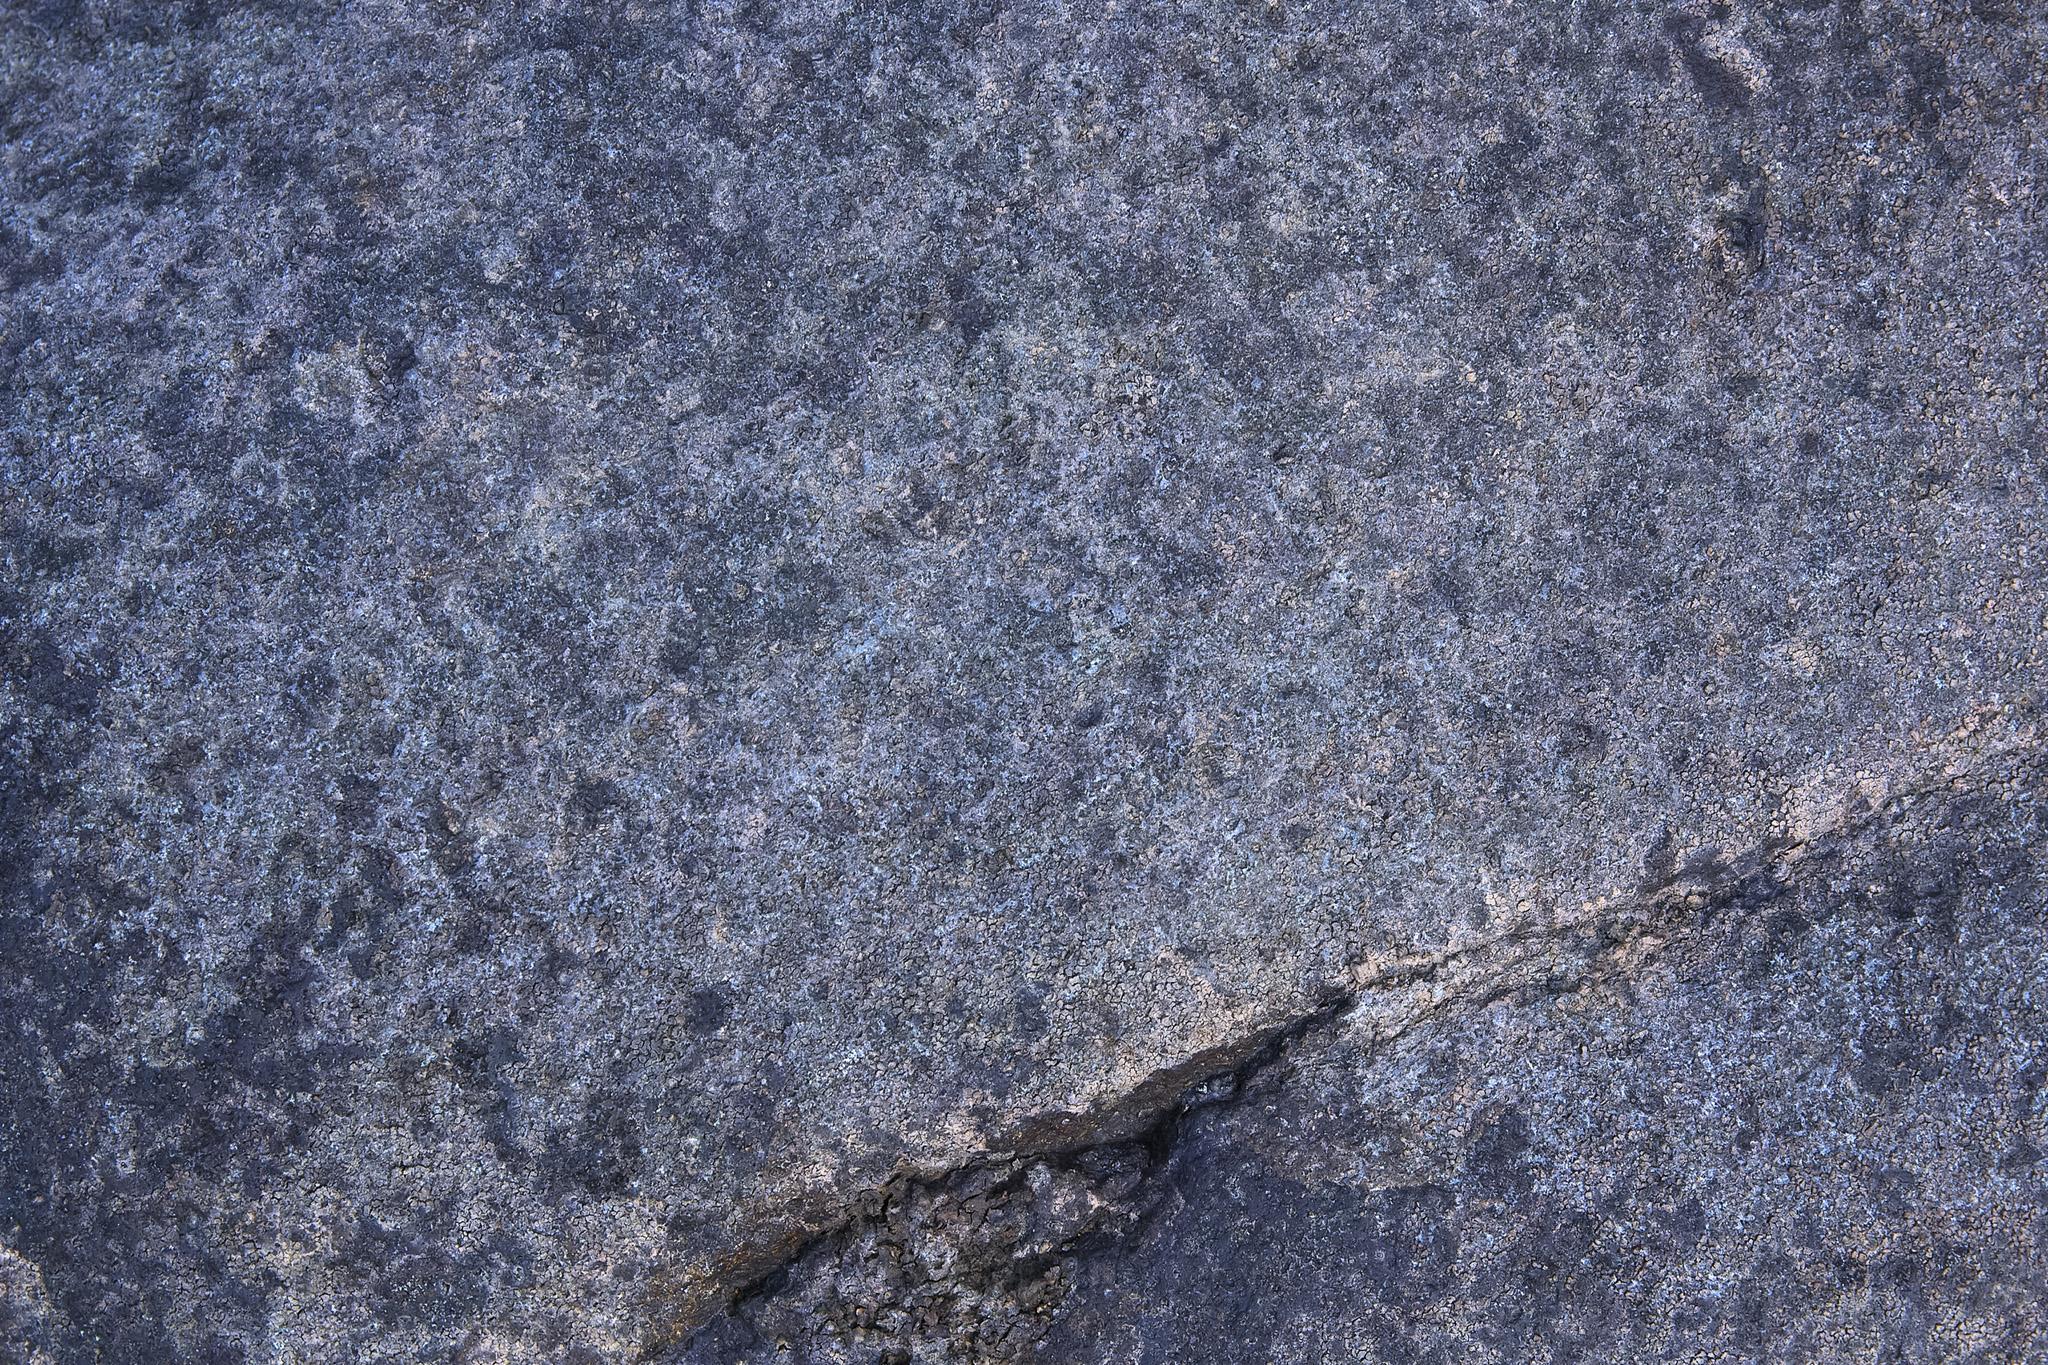 「ザラザラとした石の質感」の素材を無料ダウンロード